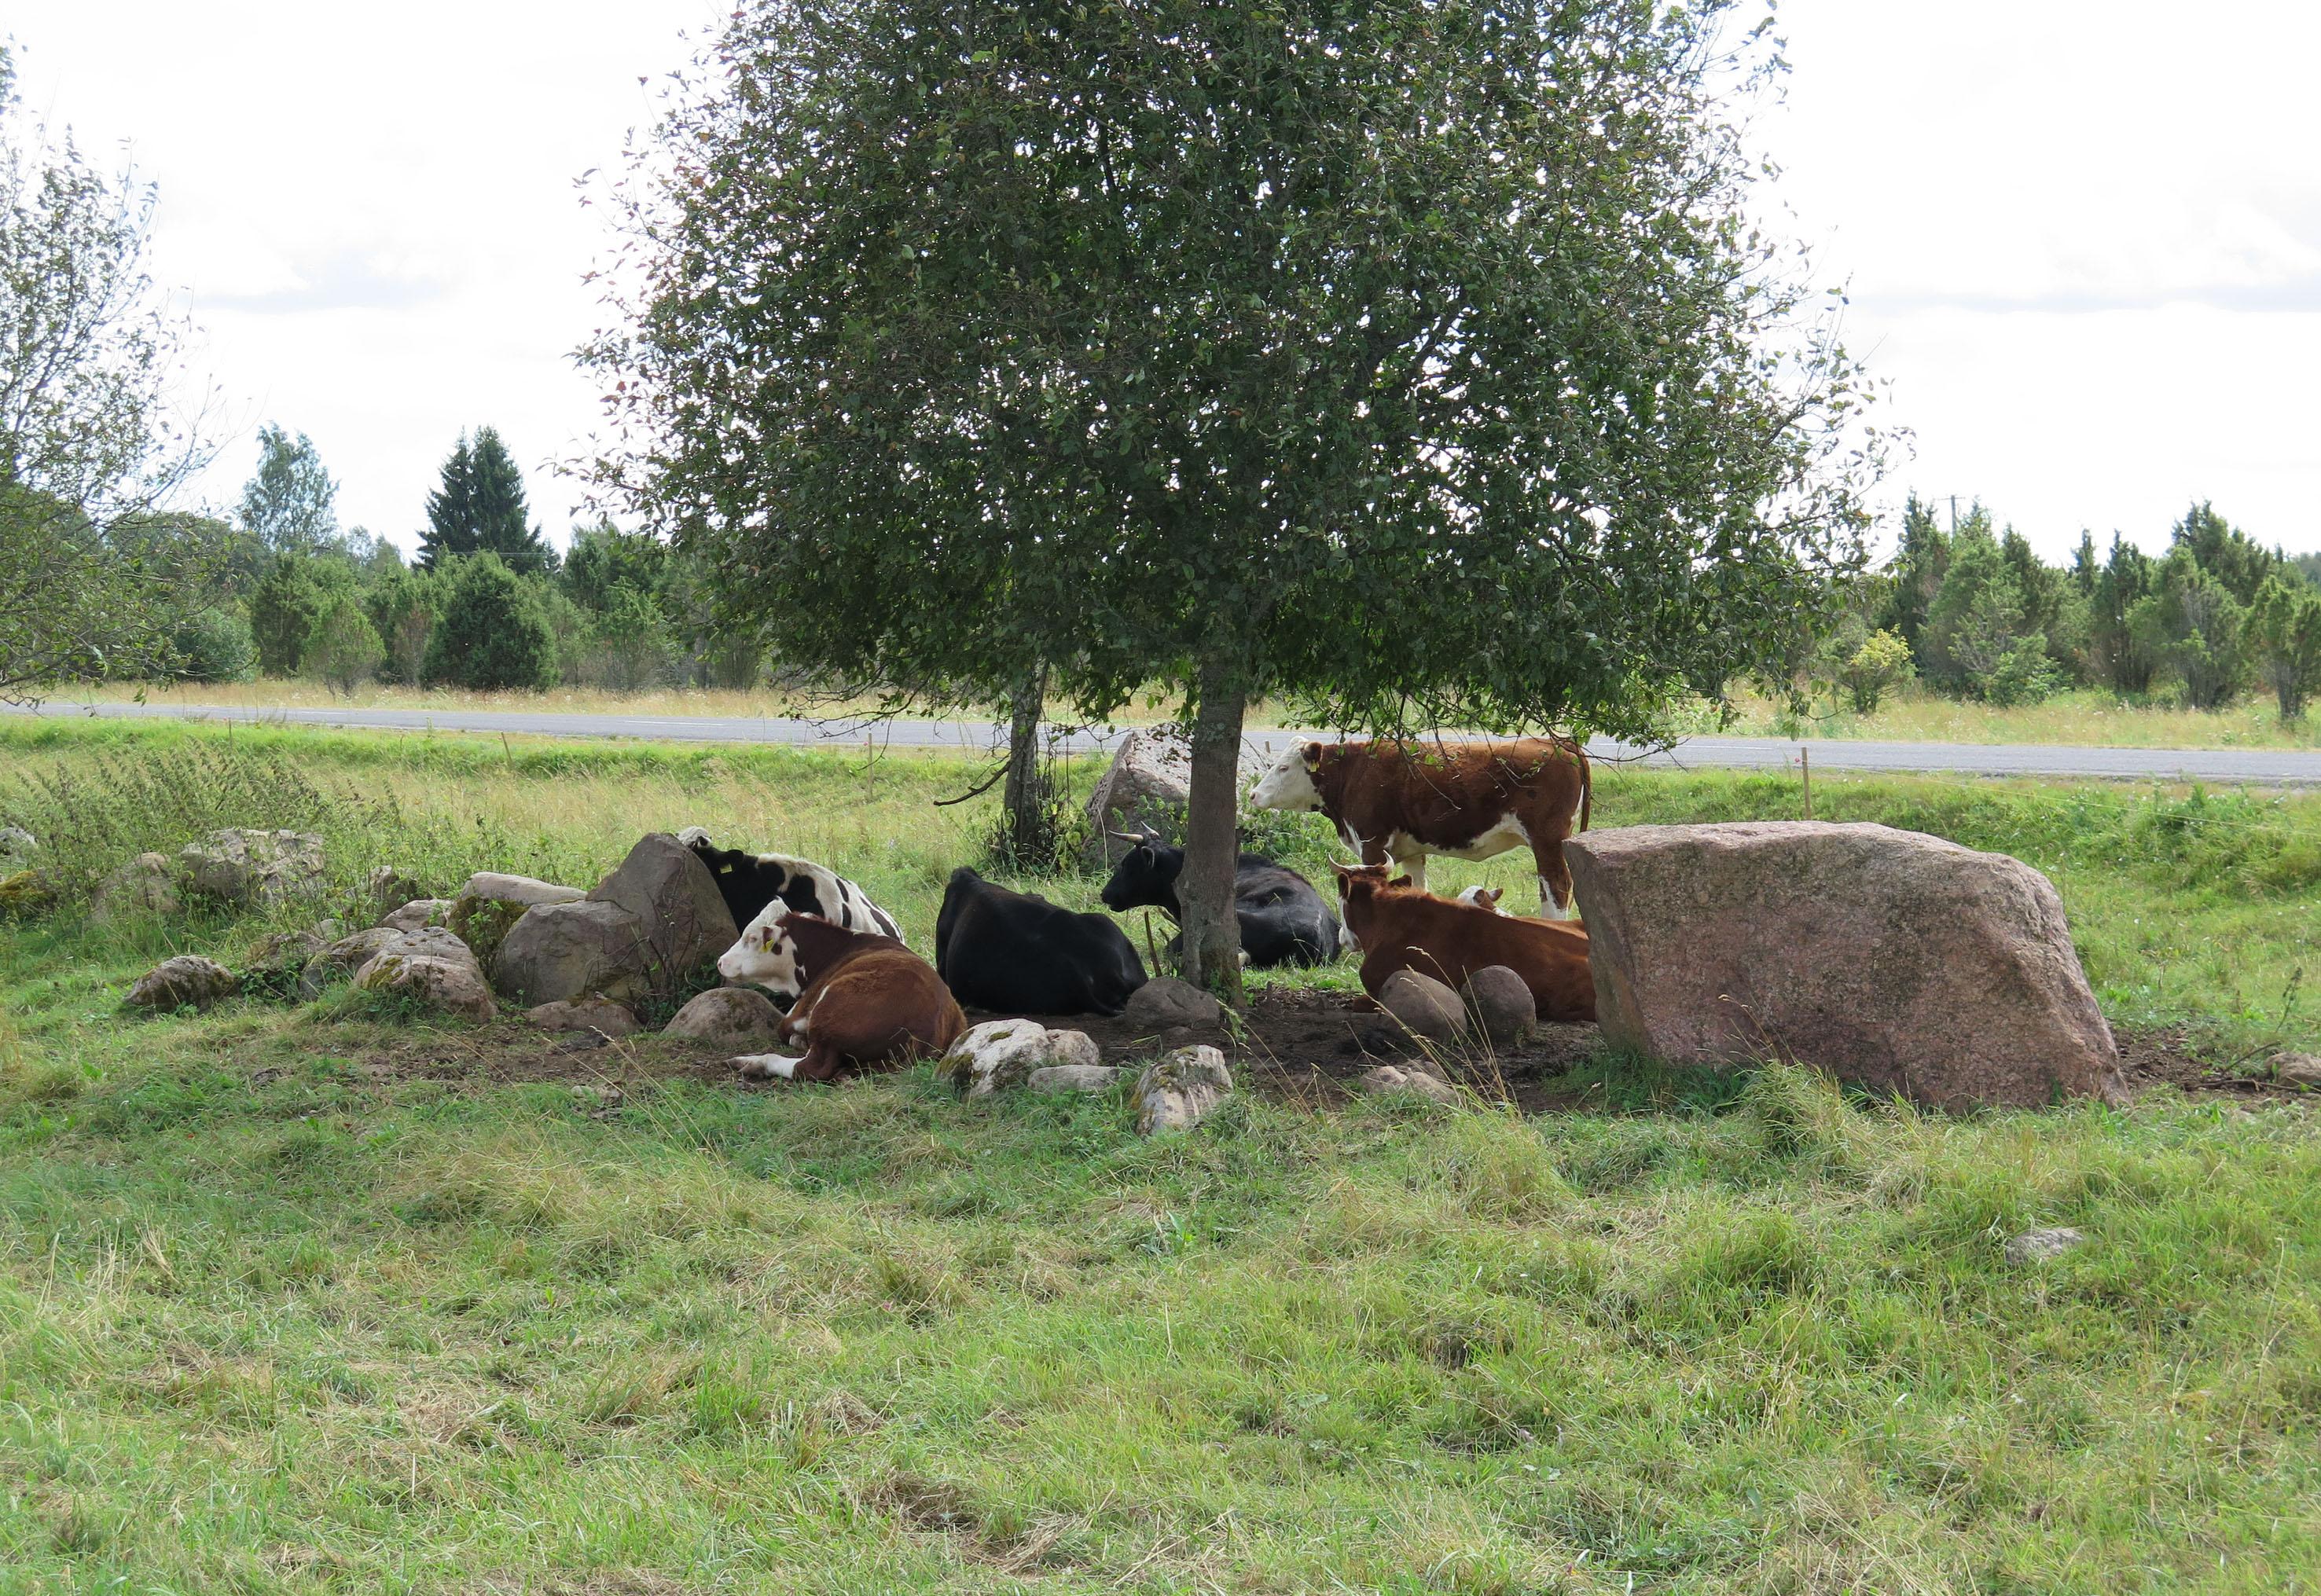 Kultuurmaastike kinnikasvamine häirib kohalikke elanikke ja õõnestab Lahemaa kuvandit nii kohalike kui ka turistide silmis. Vasakpoolsel fotol parasjagu kasutuses olev karjamaa, paremal mõned aastad karjatamata karjamaa. Lahemaa rahvuspargi piiril Sagadi lähistel. Foto: Henri Järv